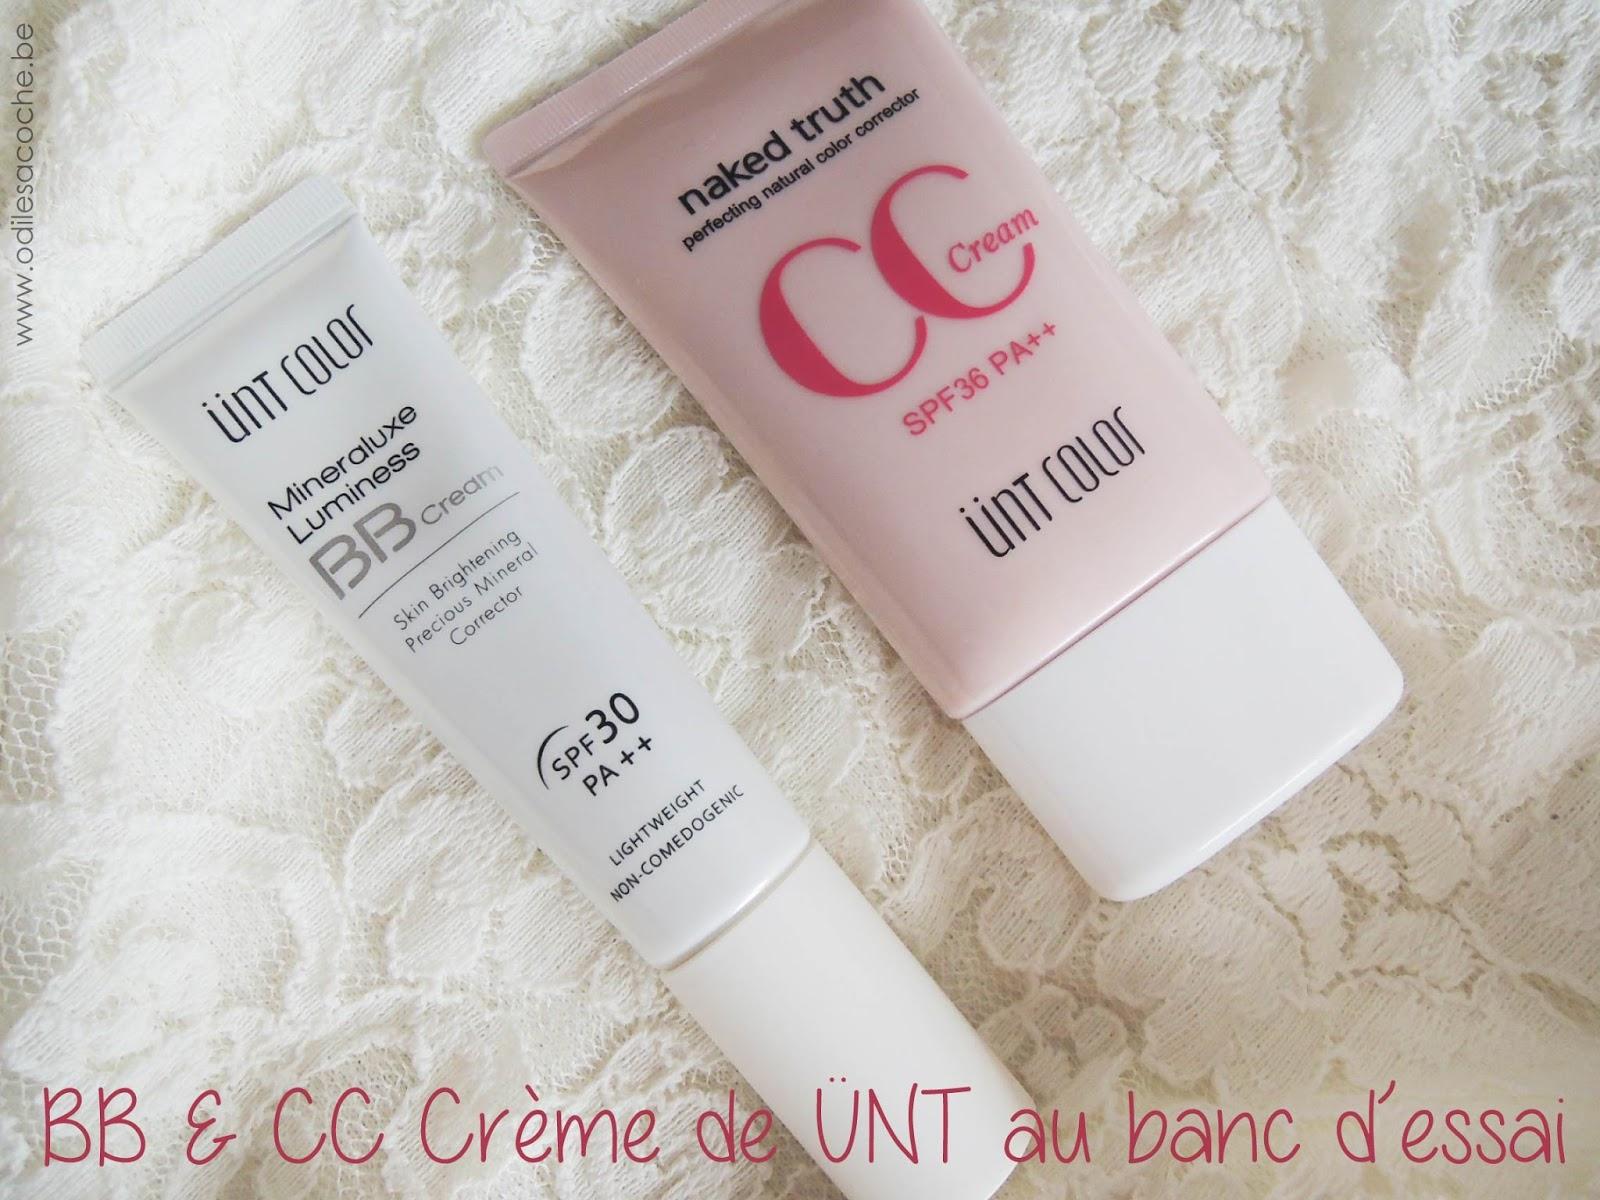 BB & CC cream ÜNT